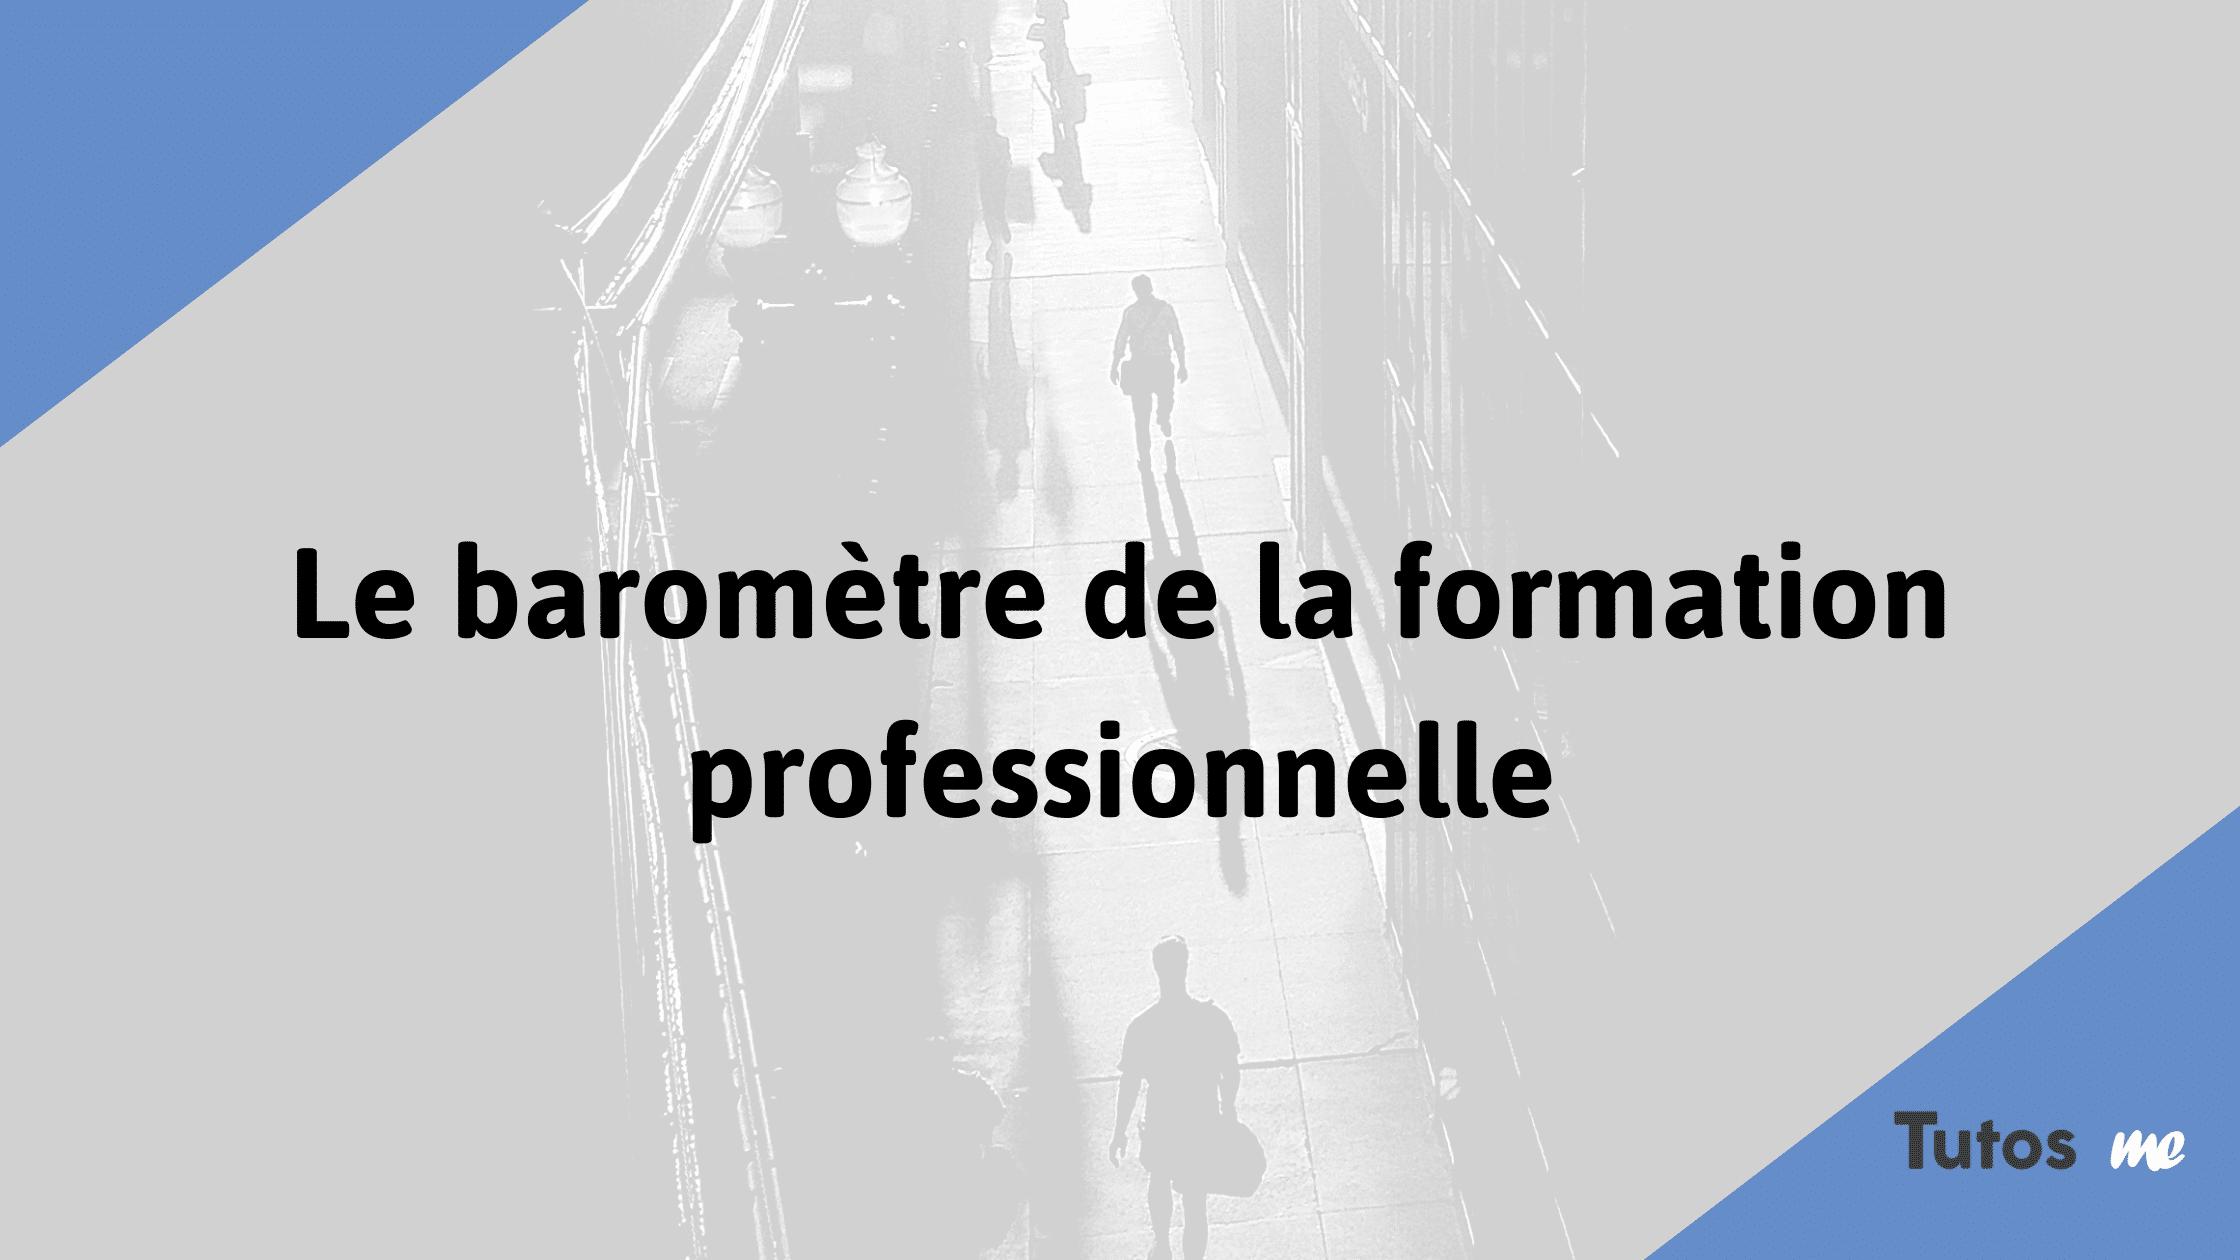 Le baromètre de la formation professionnelle